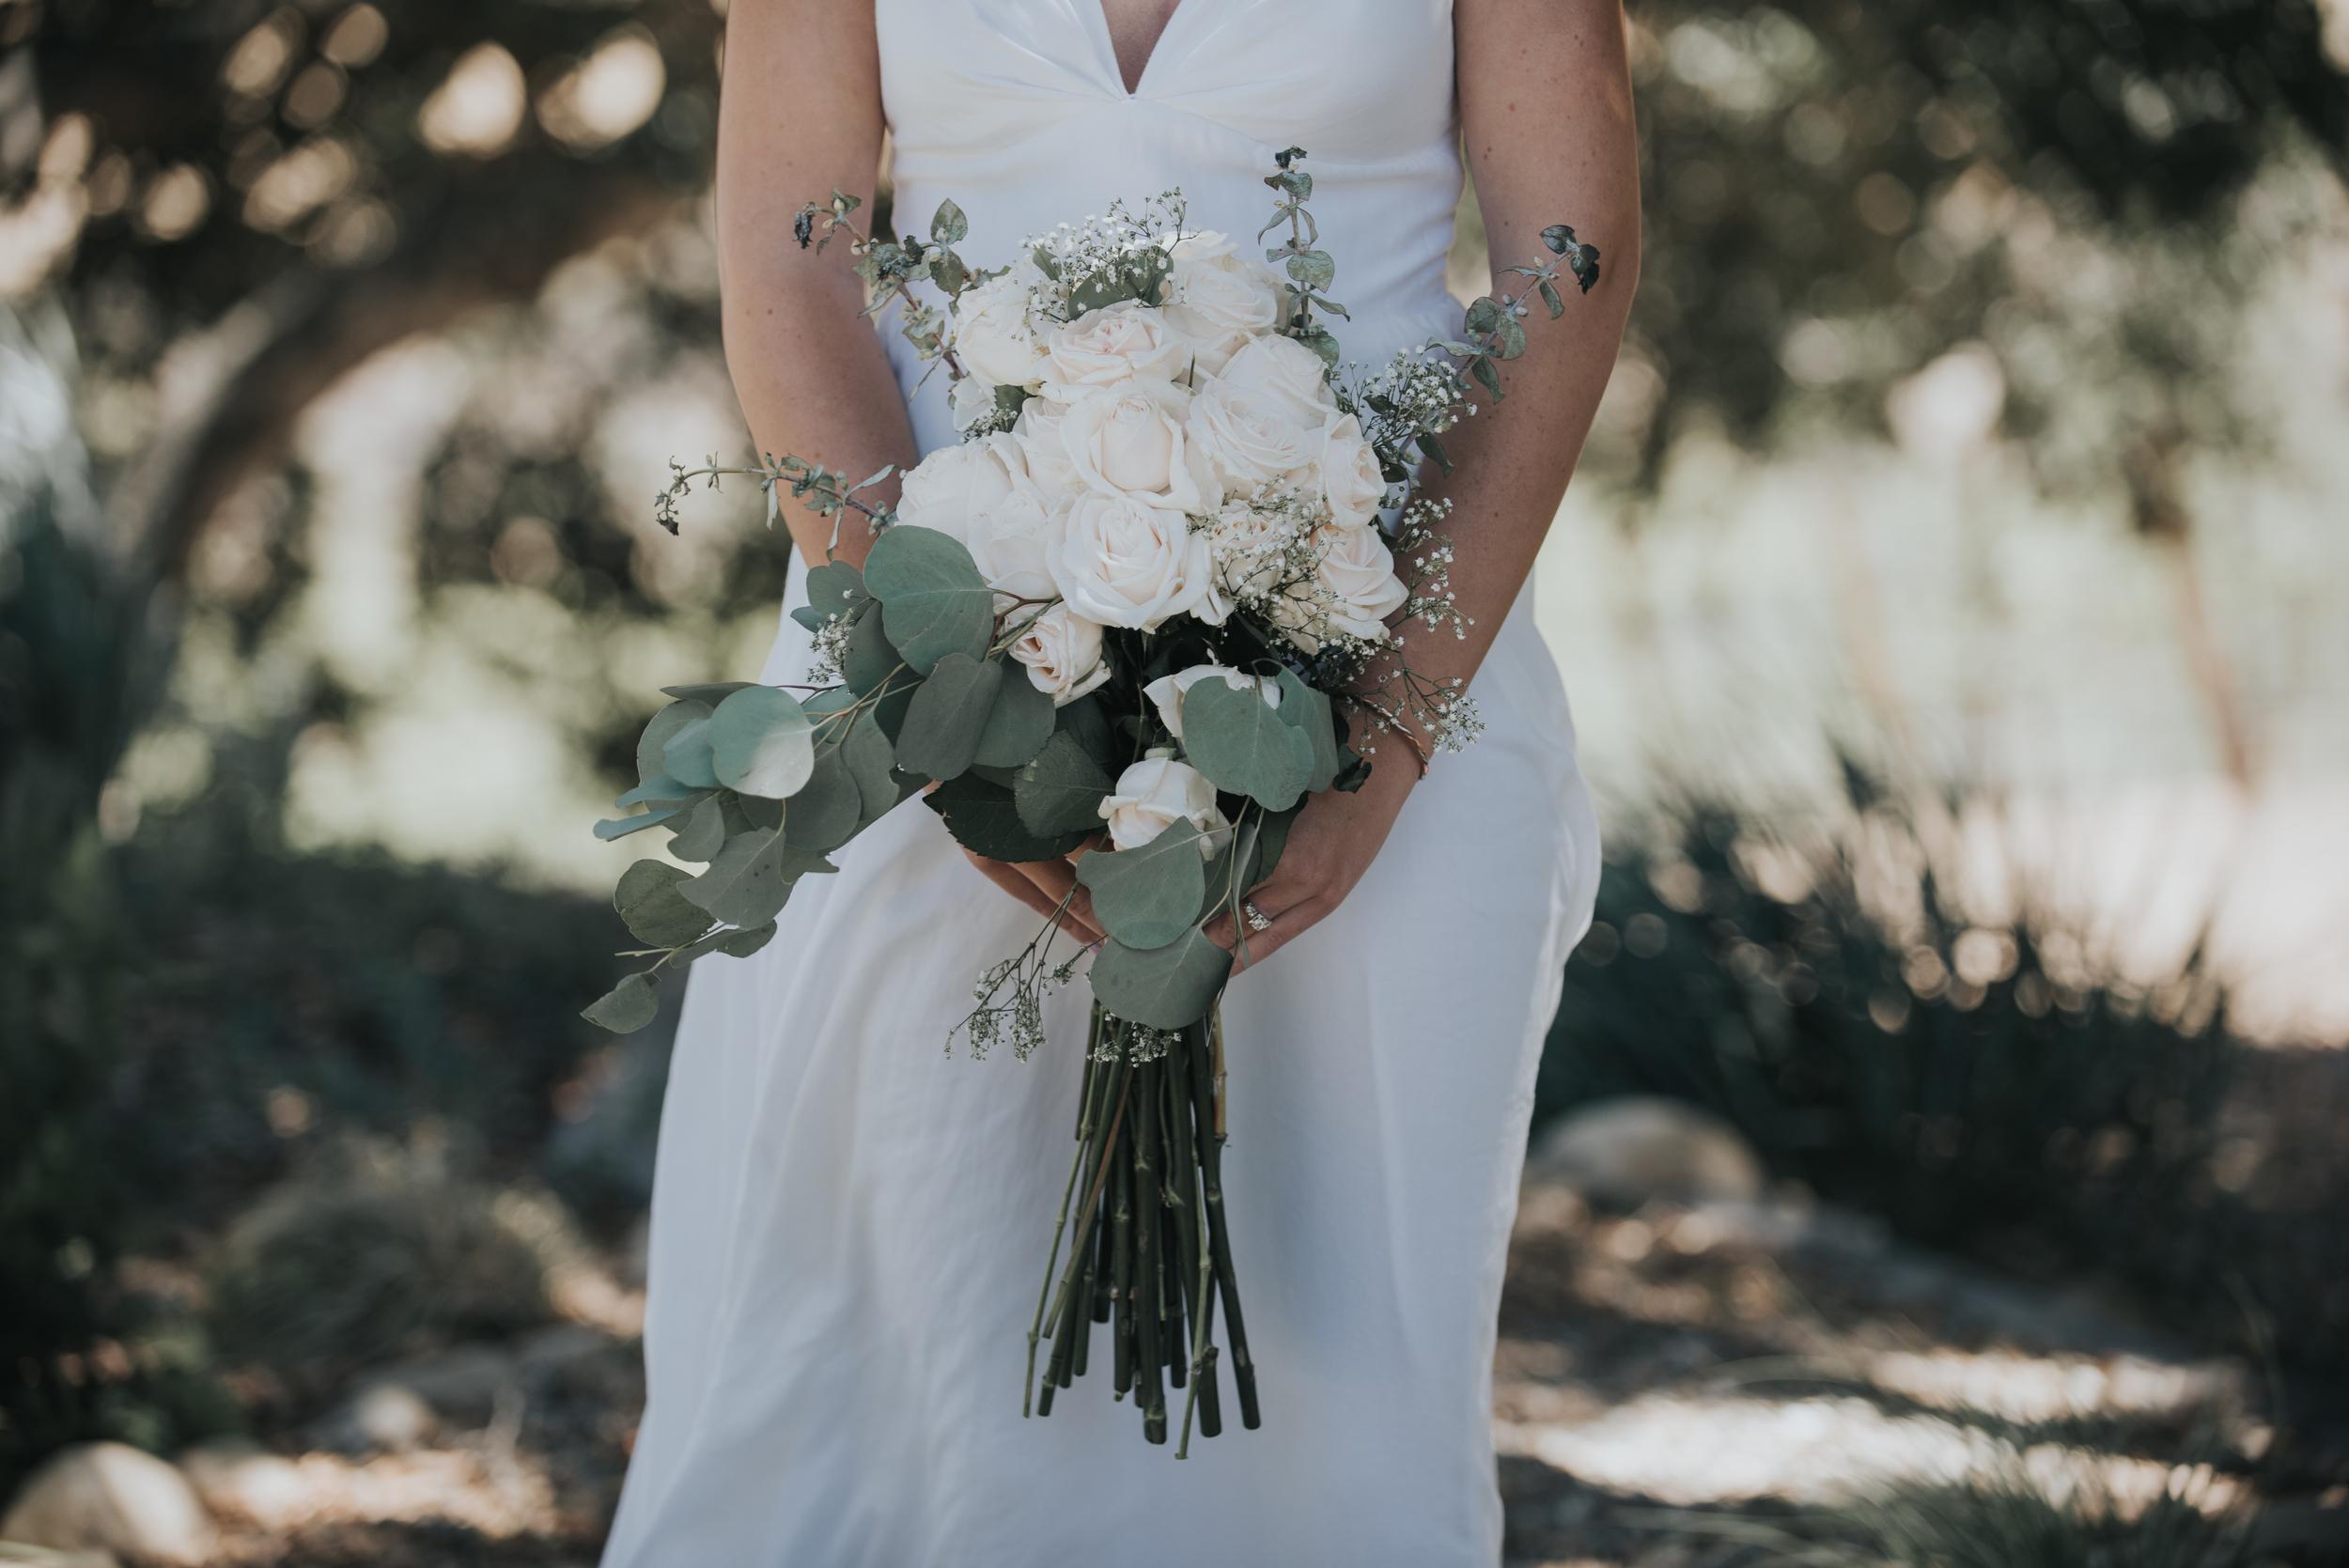 A gorgeous bohemian bouquet for the Bride.